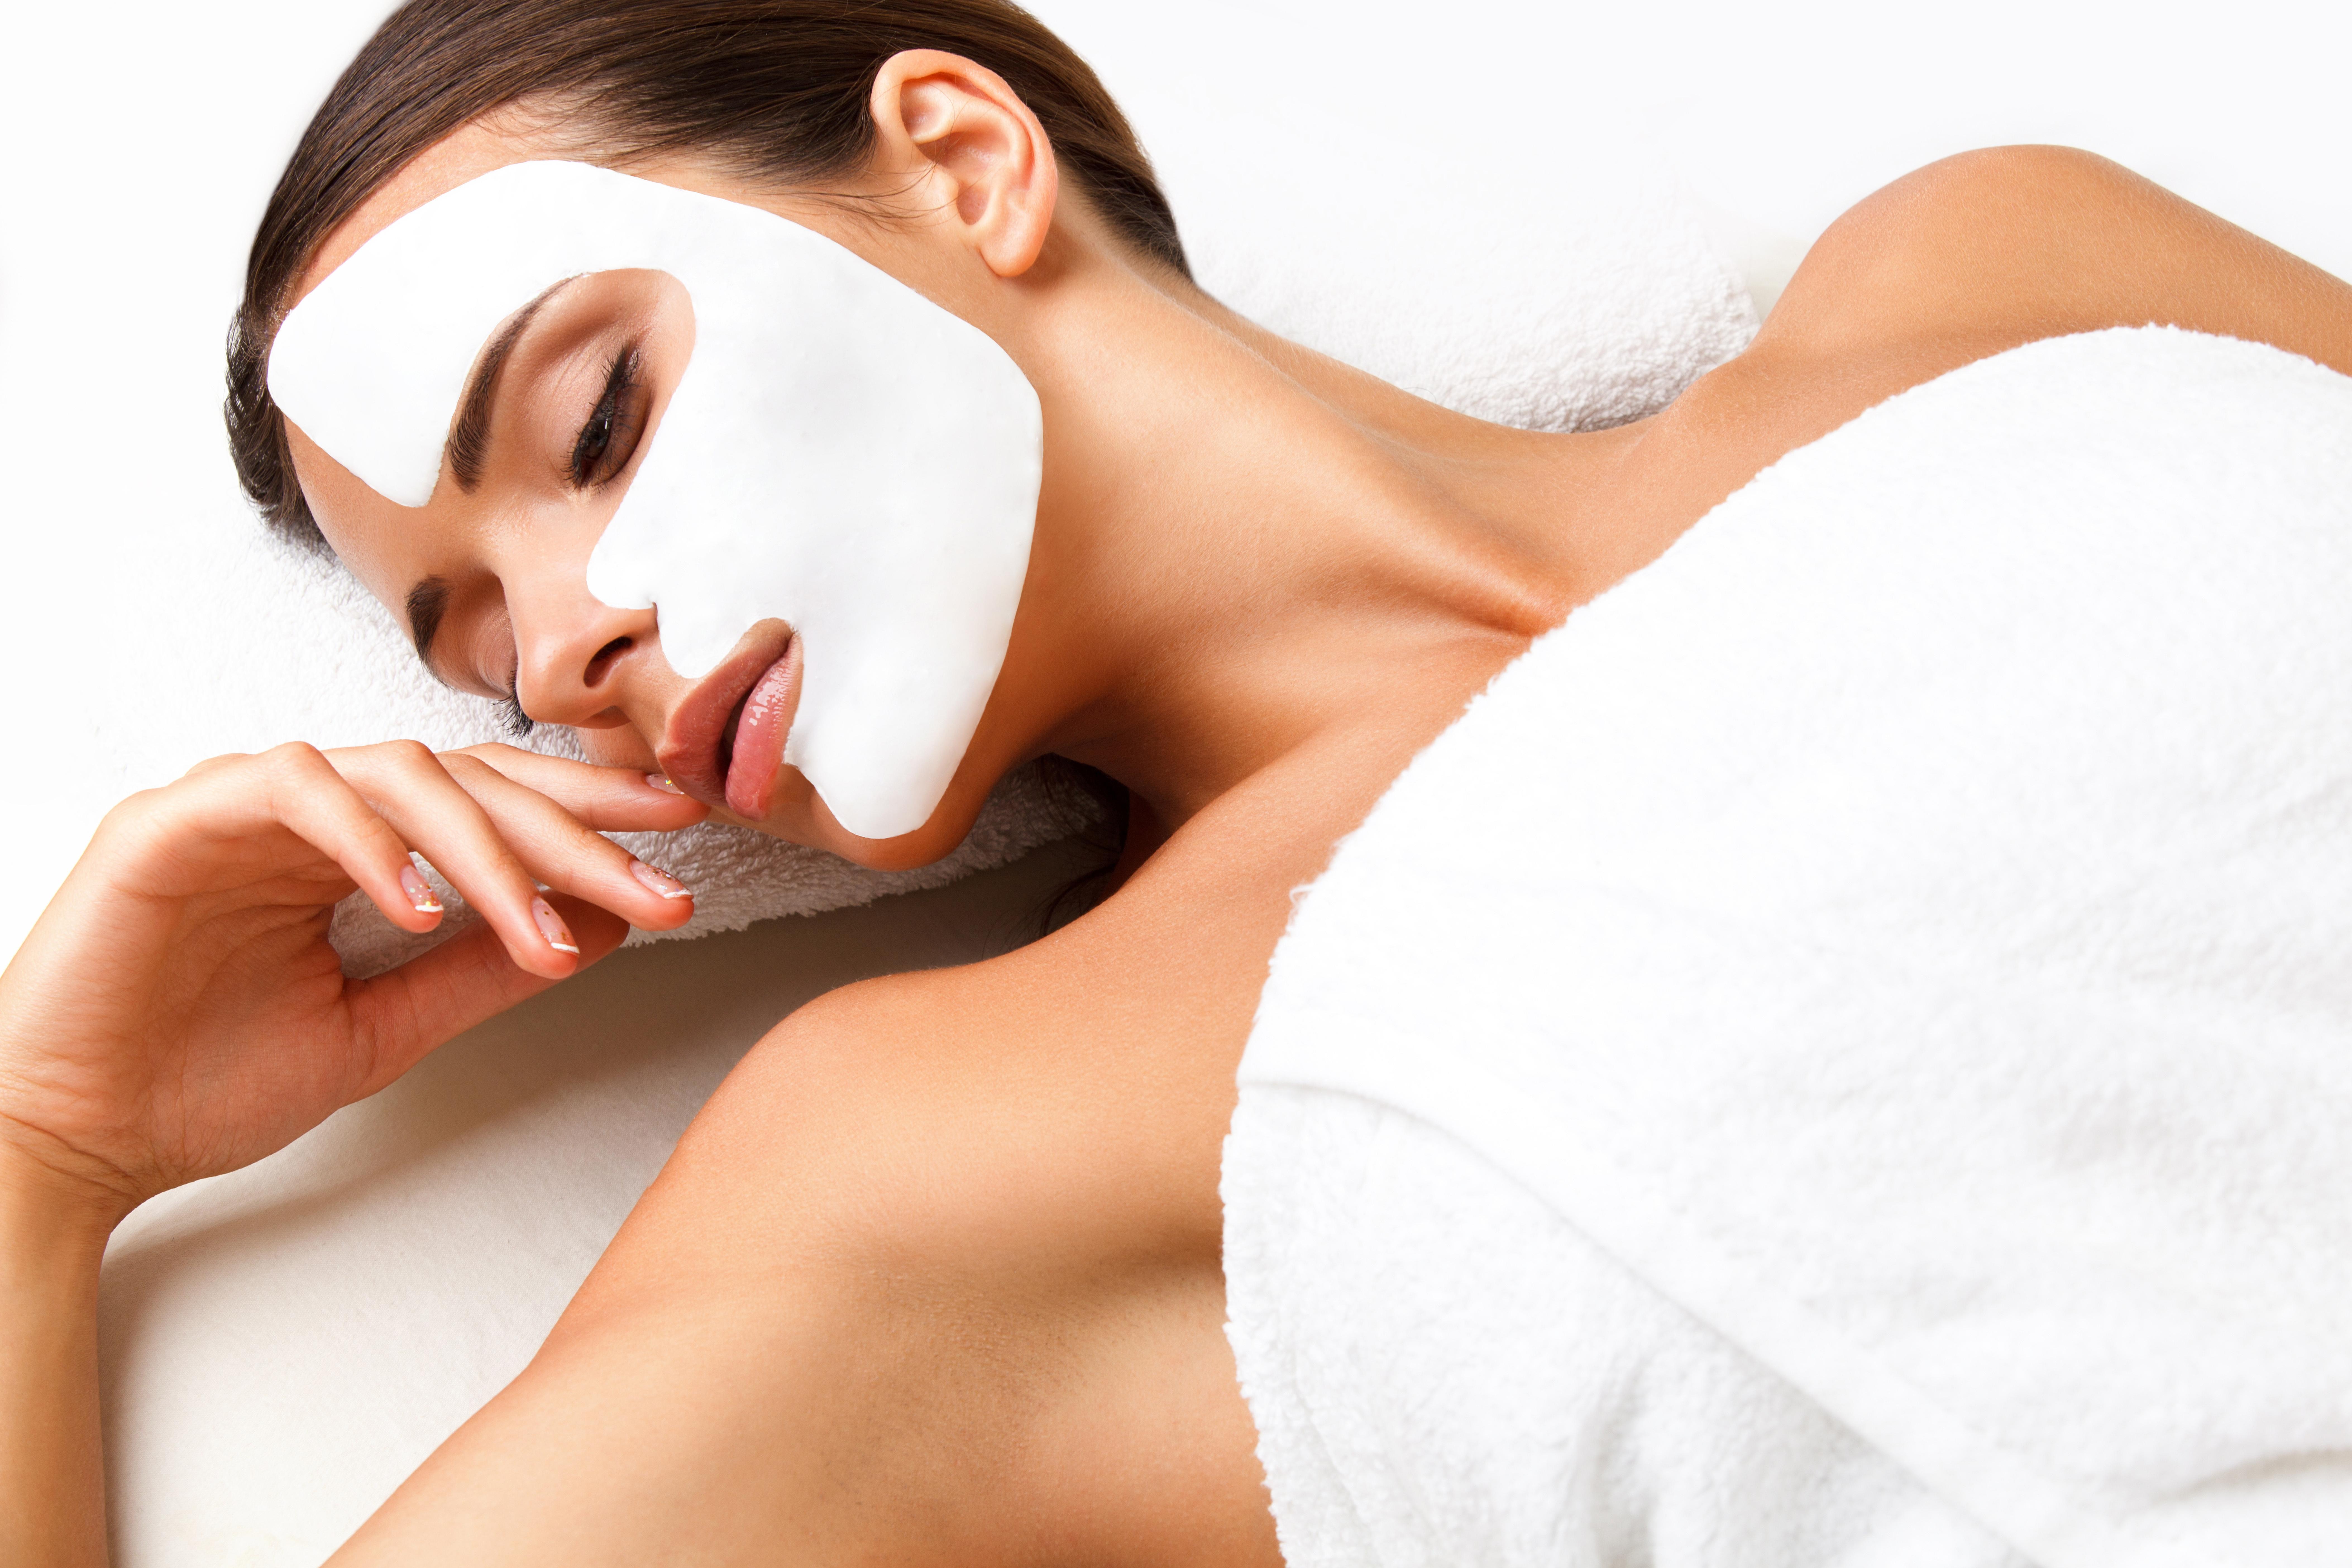 Комбинирана терапия за лице с ултразвукова шпатула, анти-ейдж масаж, ампула Лакесис и стягаща маска в Anima Beauty&Relax! - Снимка